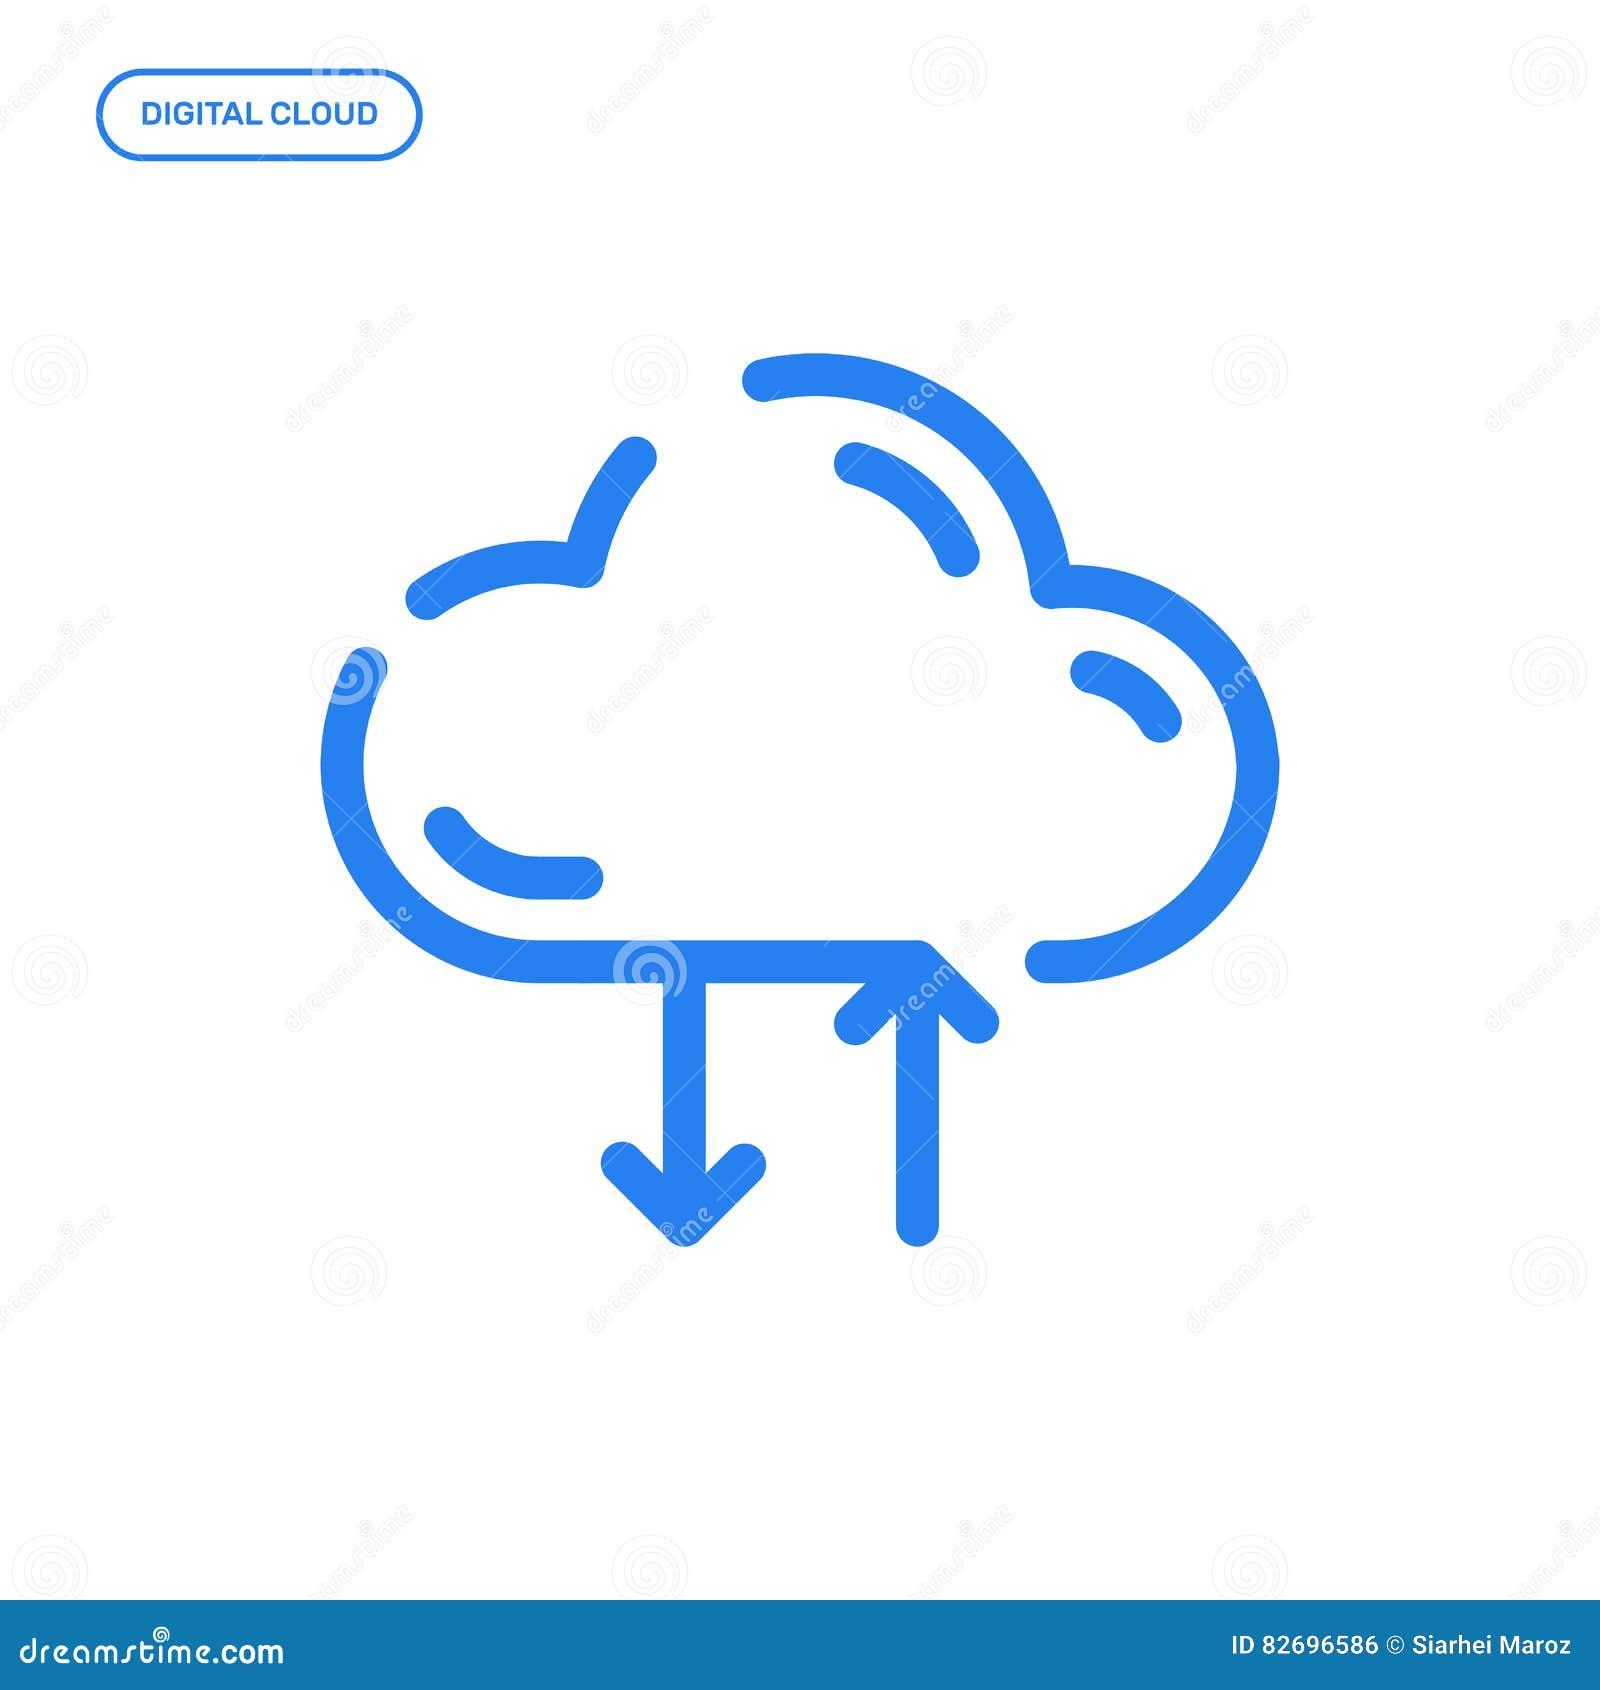 Vektorillustration der flachen Linie Ikone Grafikdesignkonzept des digitalen Wolkenspeichers